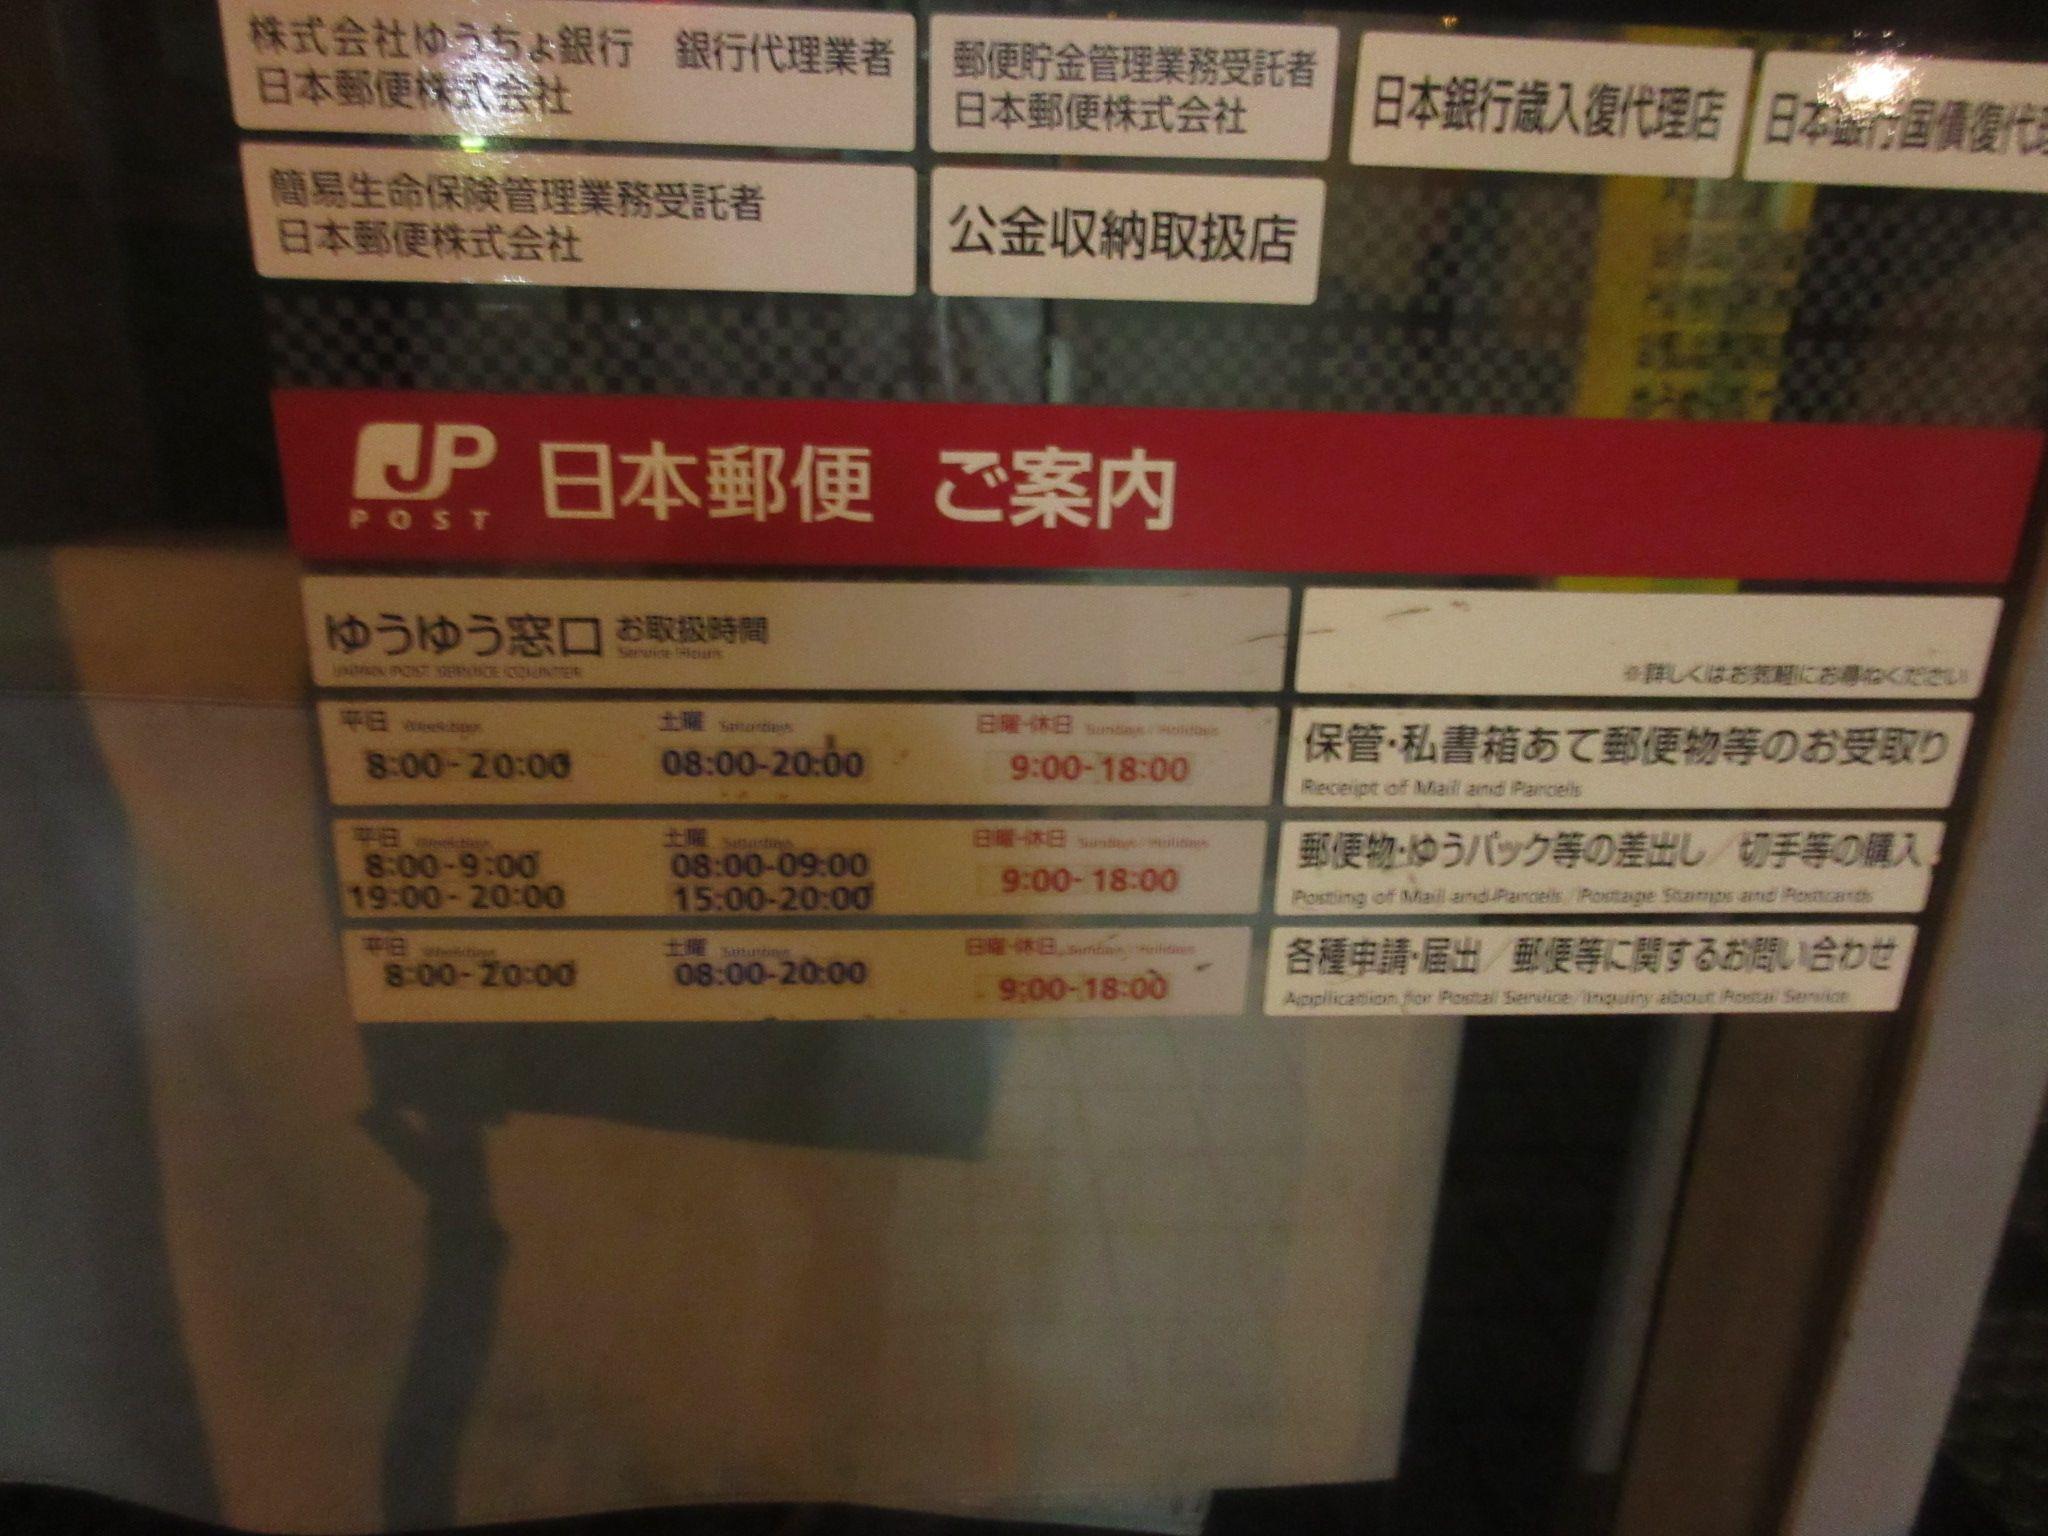 郵便局 窓口営業時間